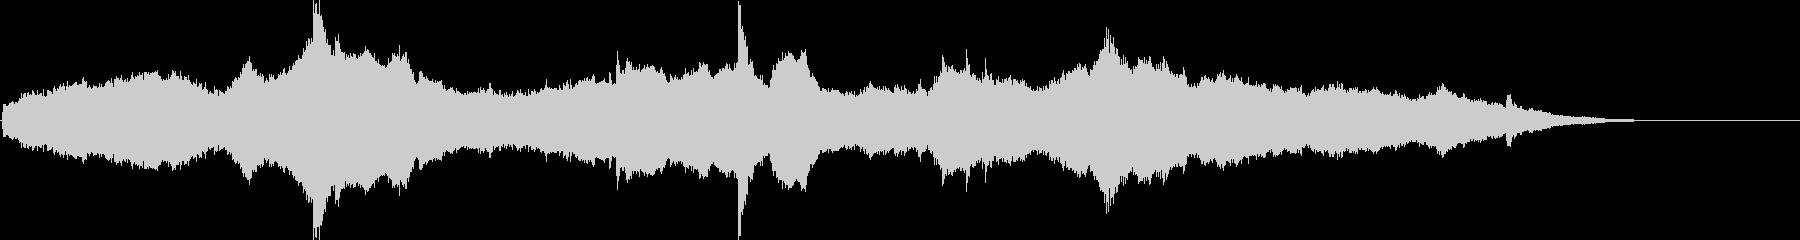 宇宙的なアンビエントサウンド+ピアノ。の未再生の波形